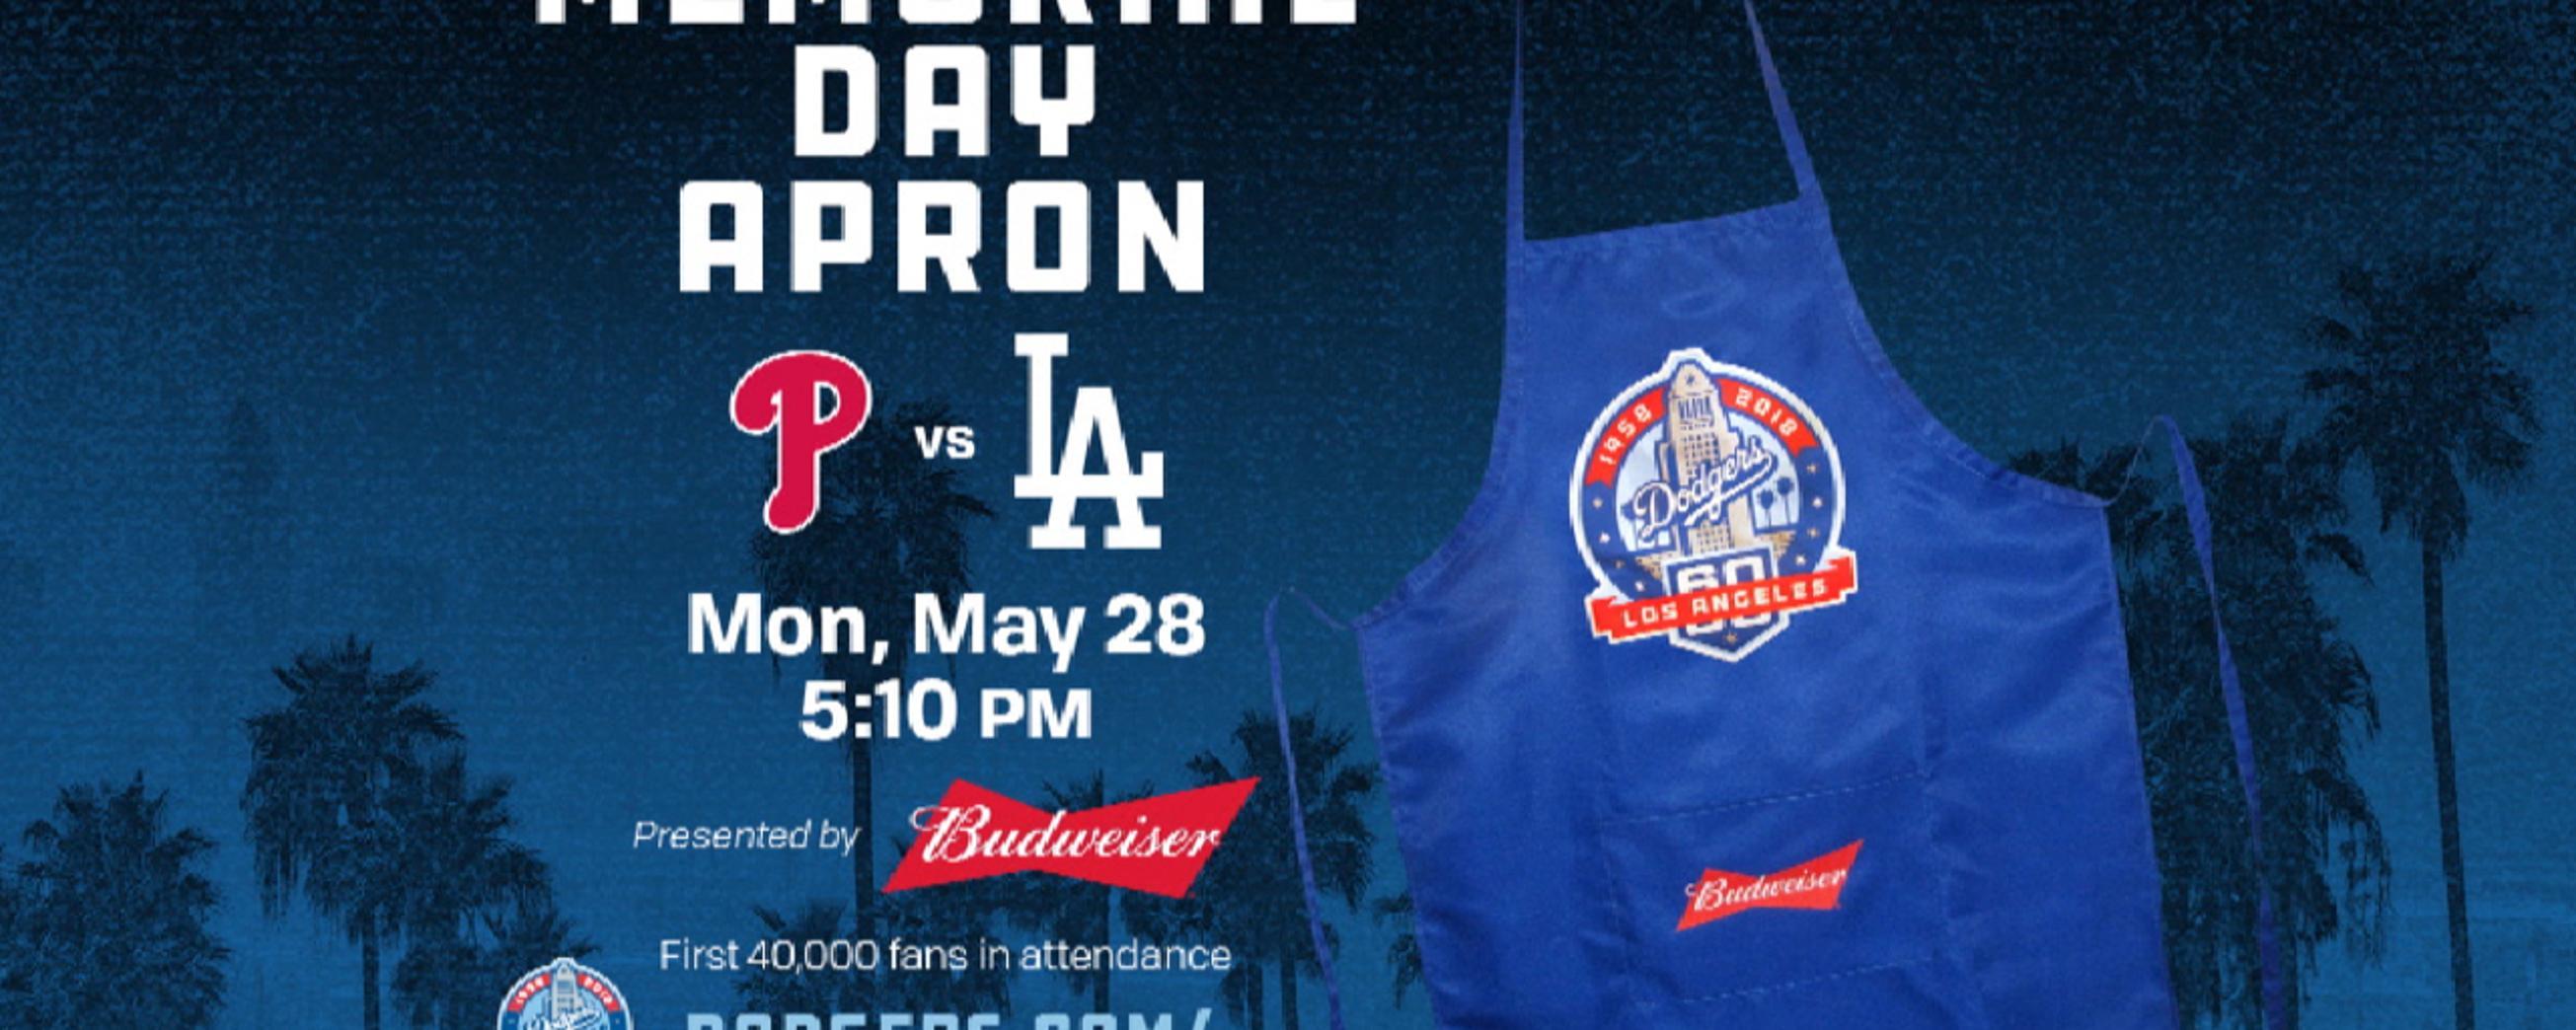 Dodgers Memorial Day Apron  a3e1baa8ea5